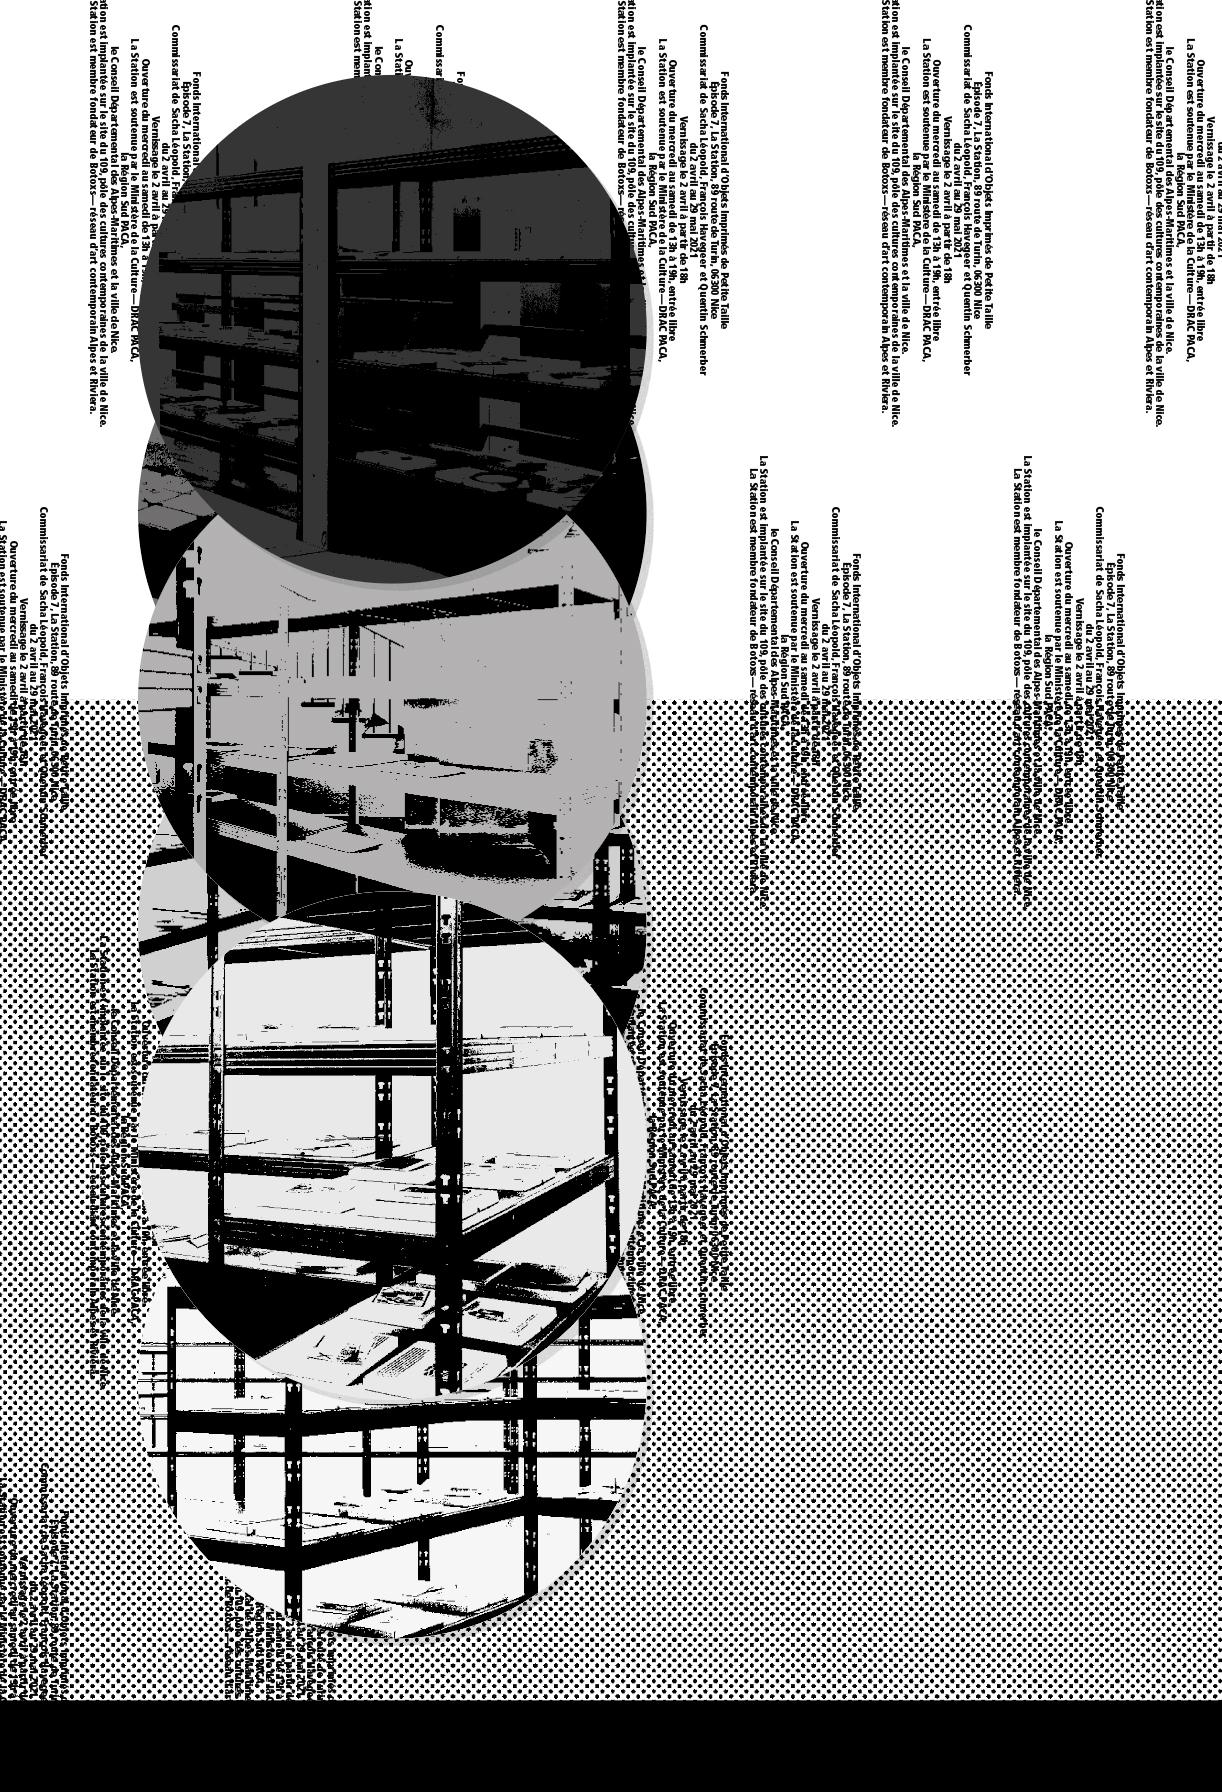 Affiche réalisée pour Fonds international des objets imprimés de petite taille, épisode 7 © Syndicat